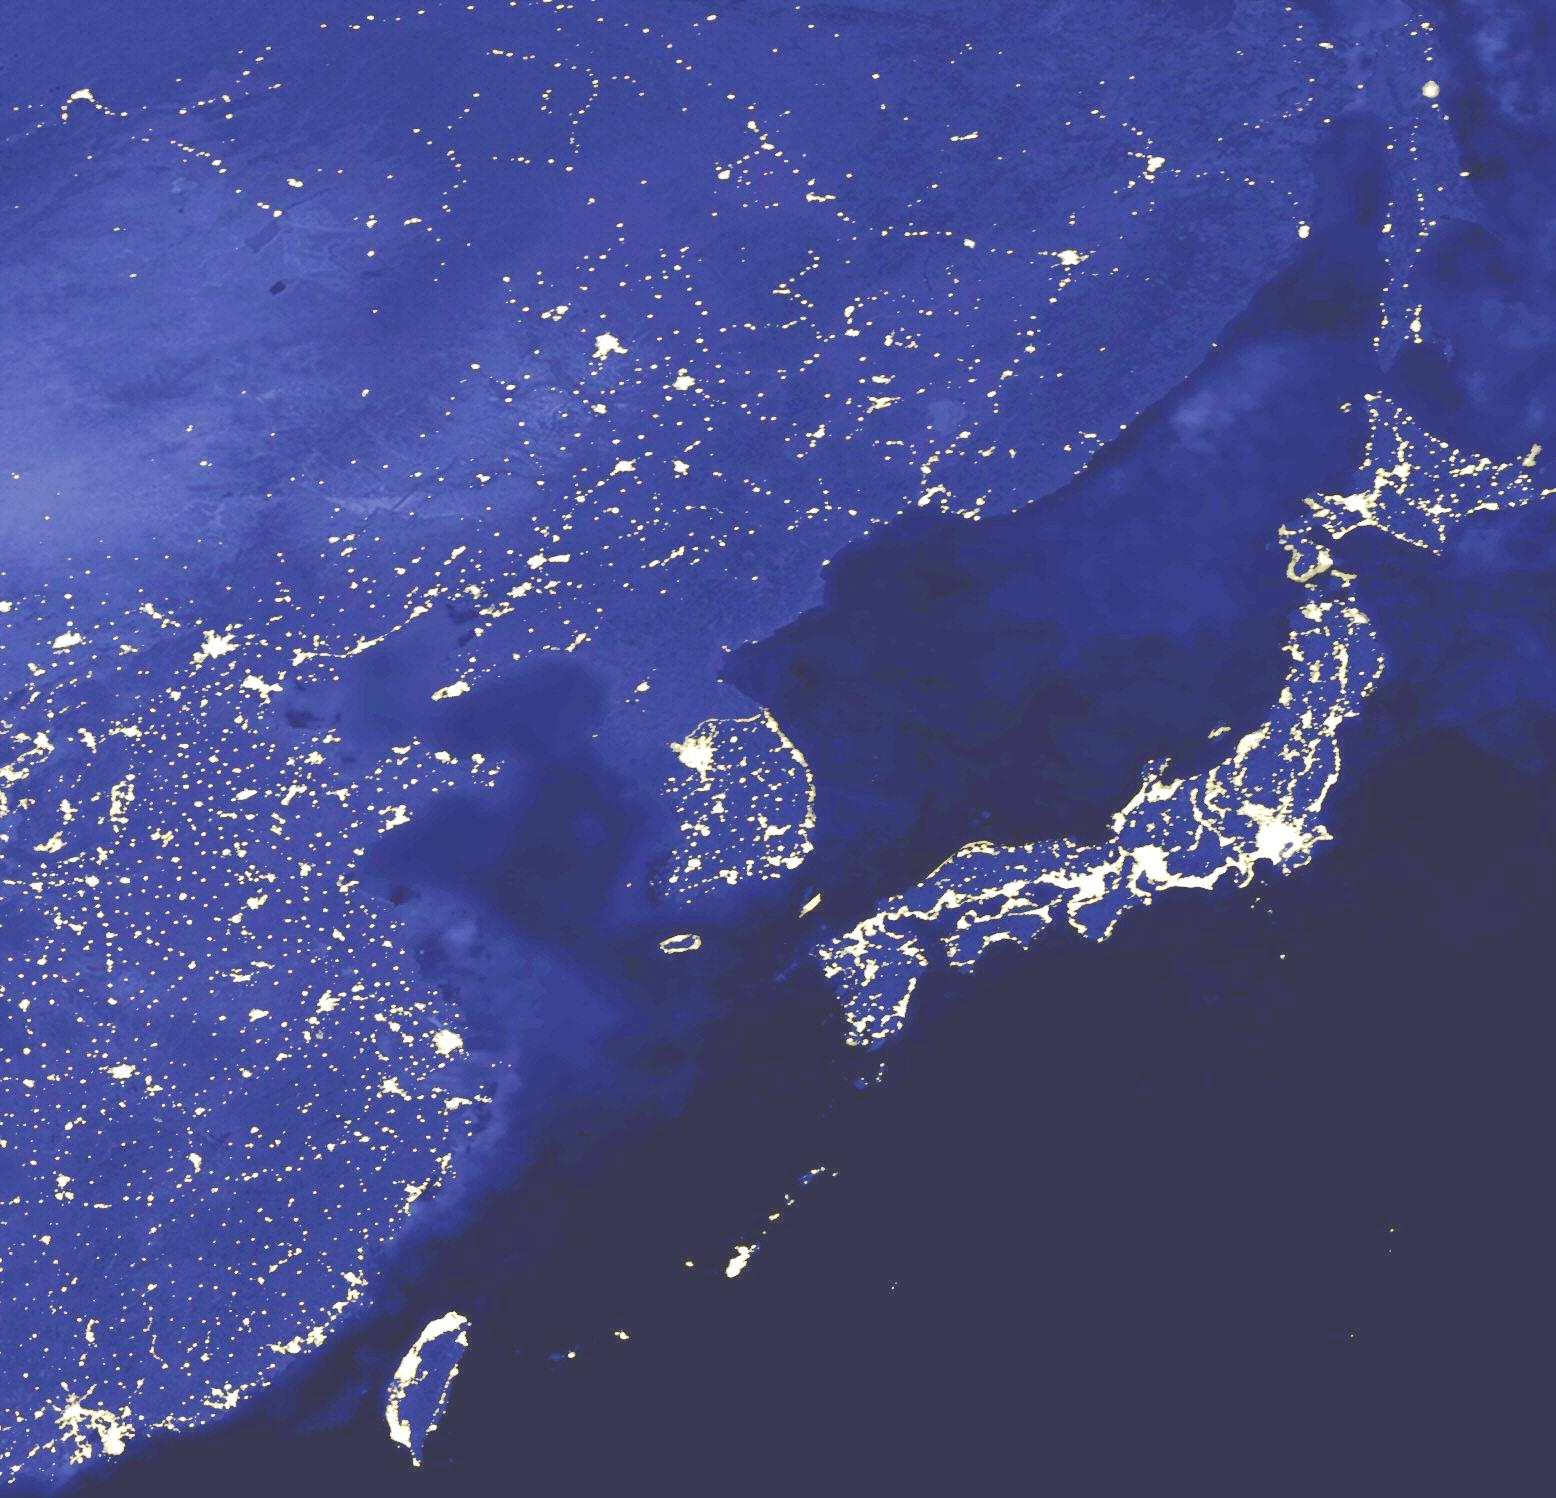 автомобиля чудом фото северной кореи ночью из космоса утра столице